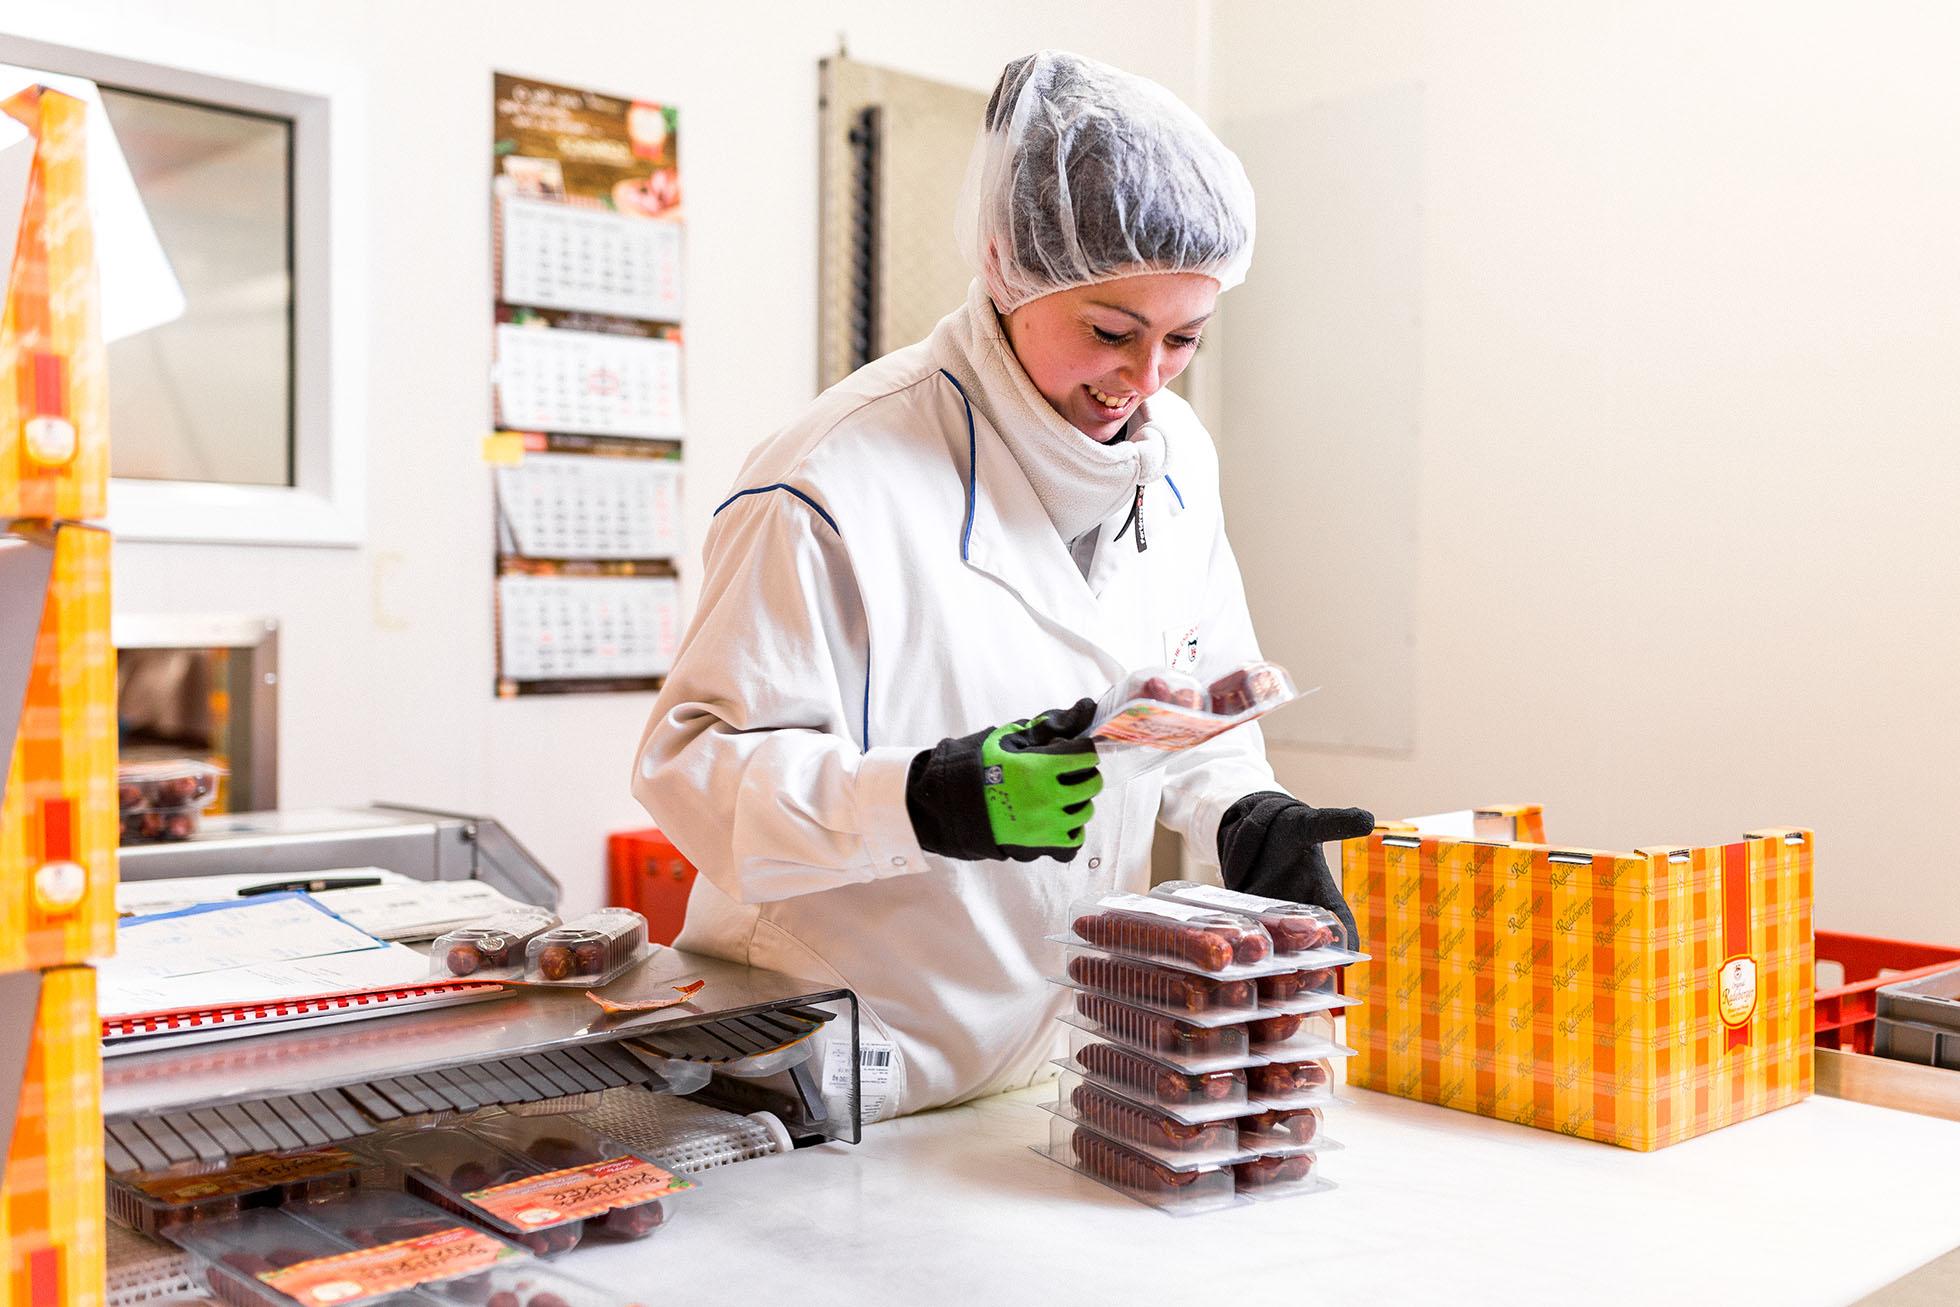 Mitarbeiterin in der Pick-Kommissionierung. Sie stellt die bestellten SB-Produkte für Kunden im Lebensmitteleinzelhandel zusammen.